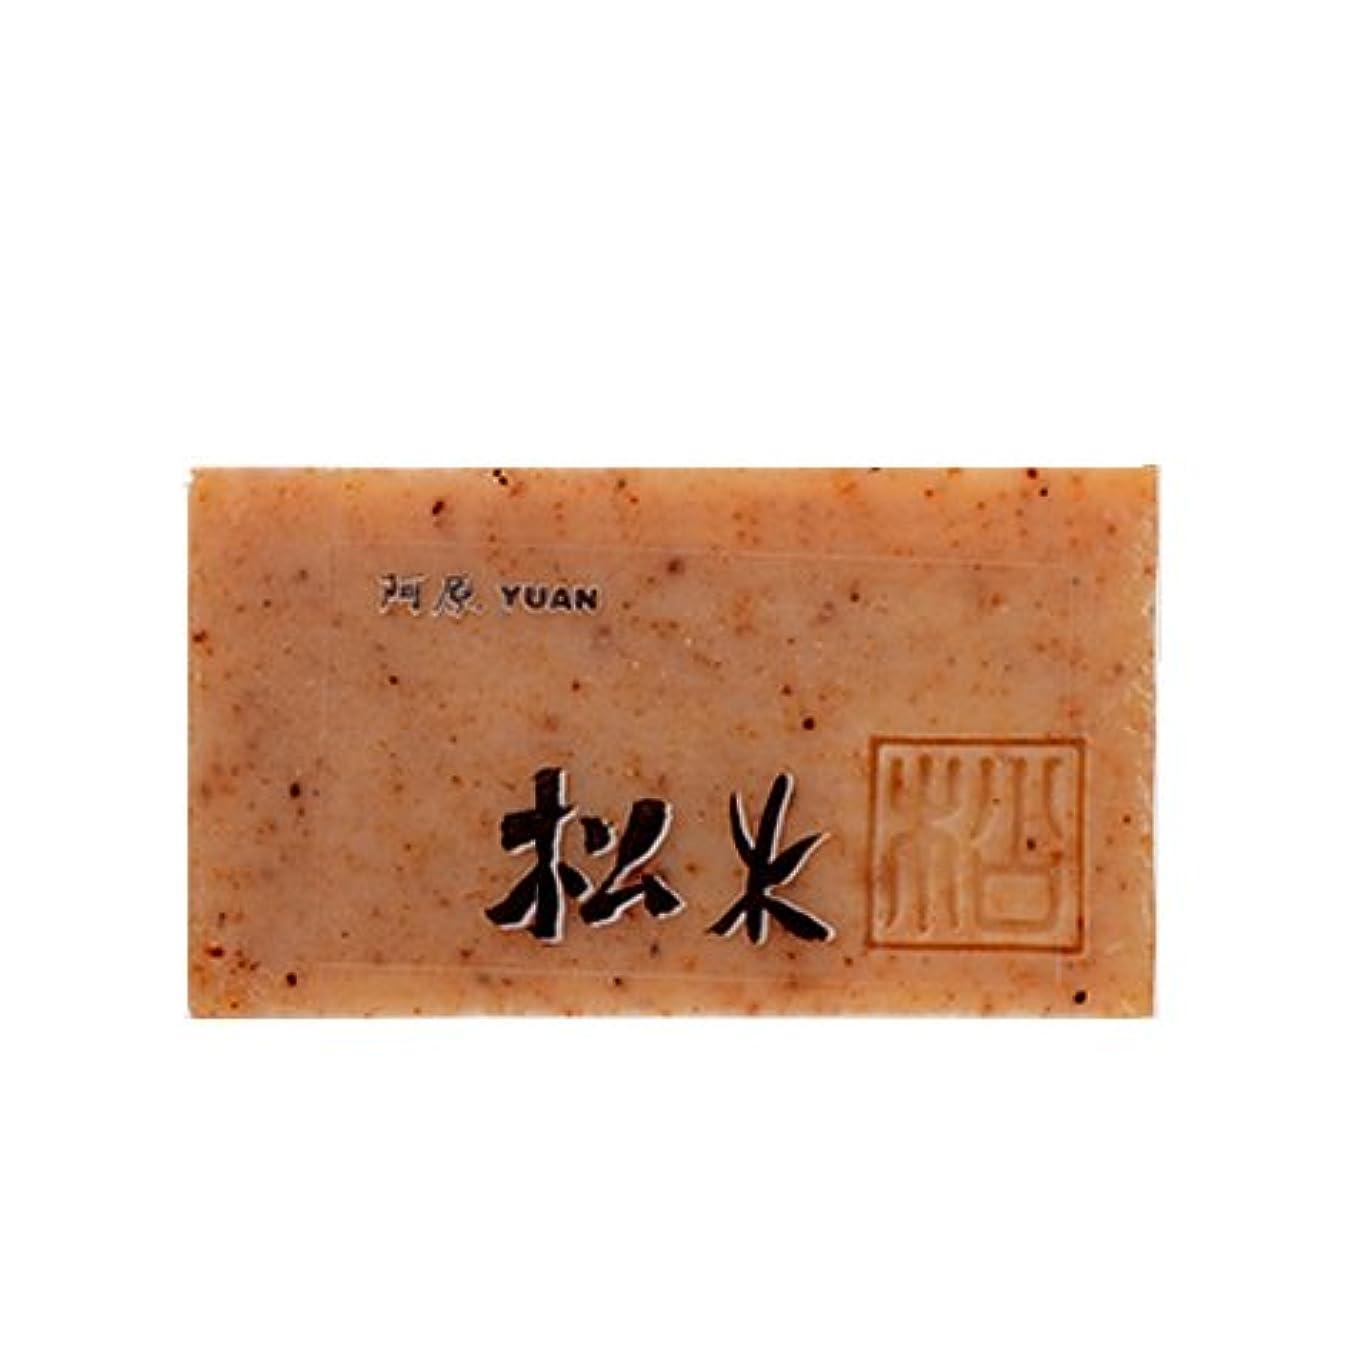 報酬の列挙するディスコユアン(YUAN) ユアンソープ 松木(まつのき)ソープ 100g (阿原 石けん 台湾コスメ)